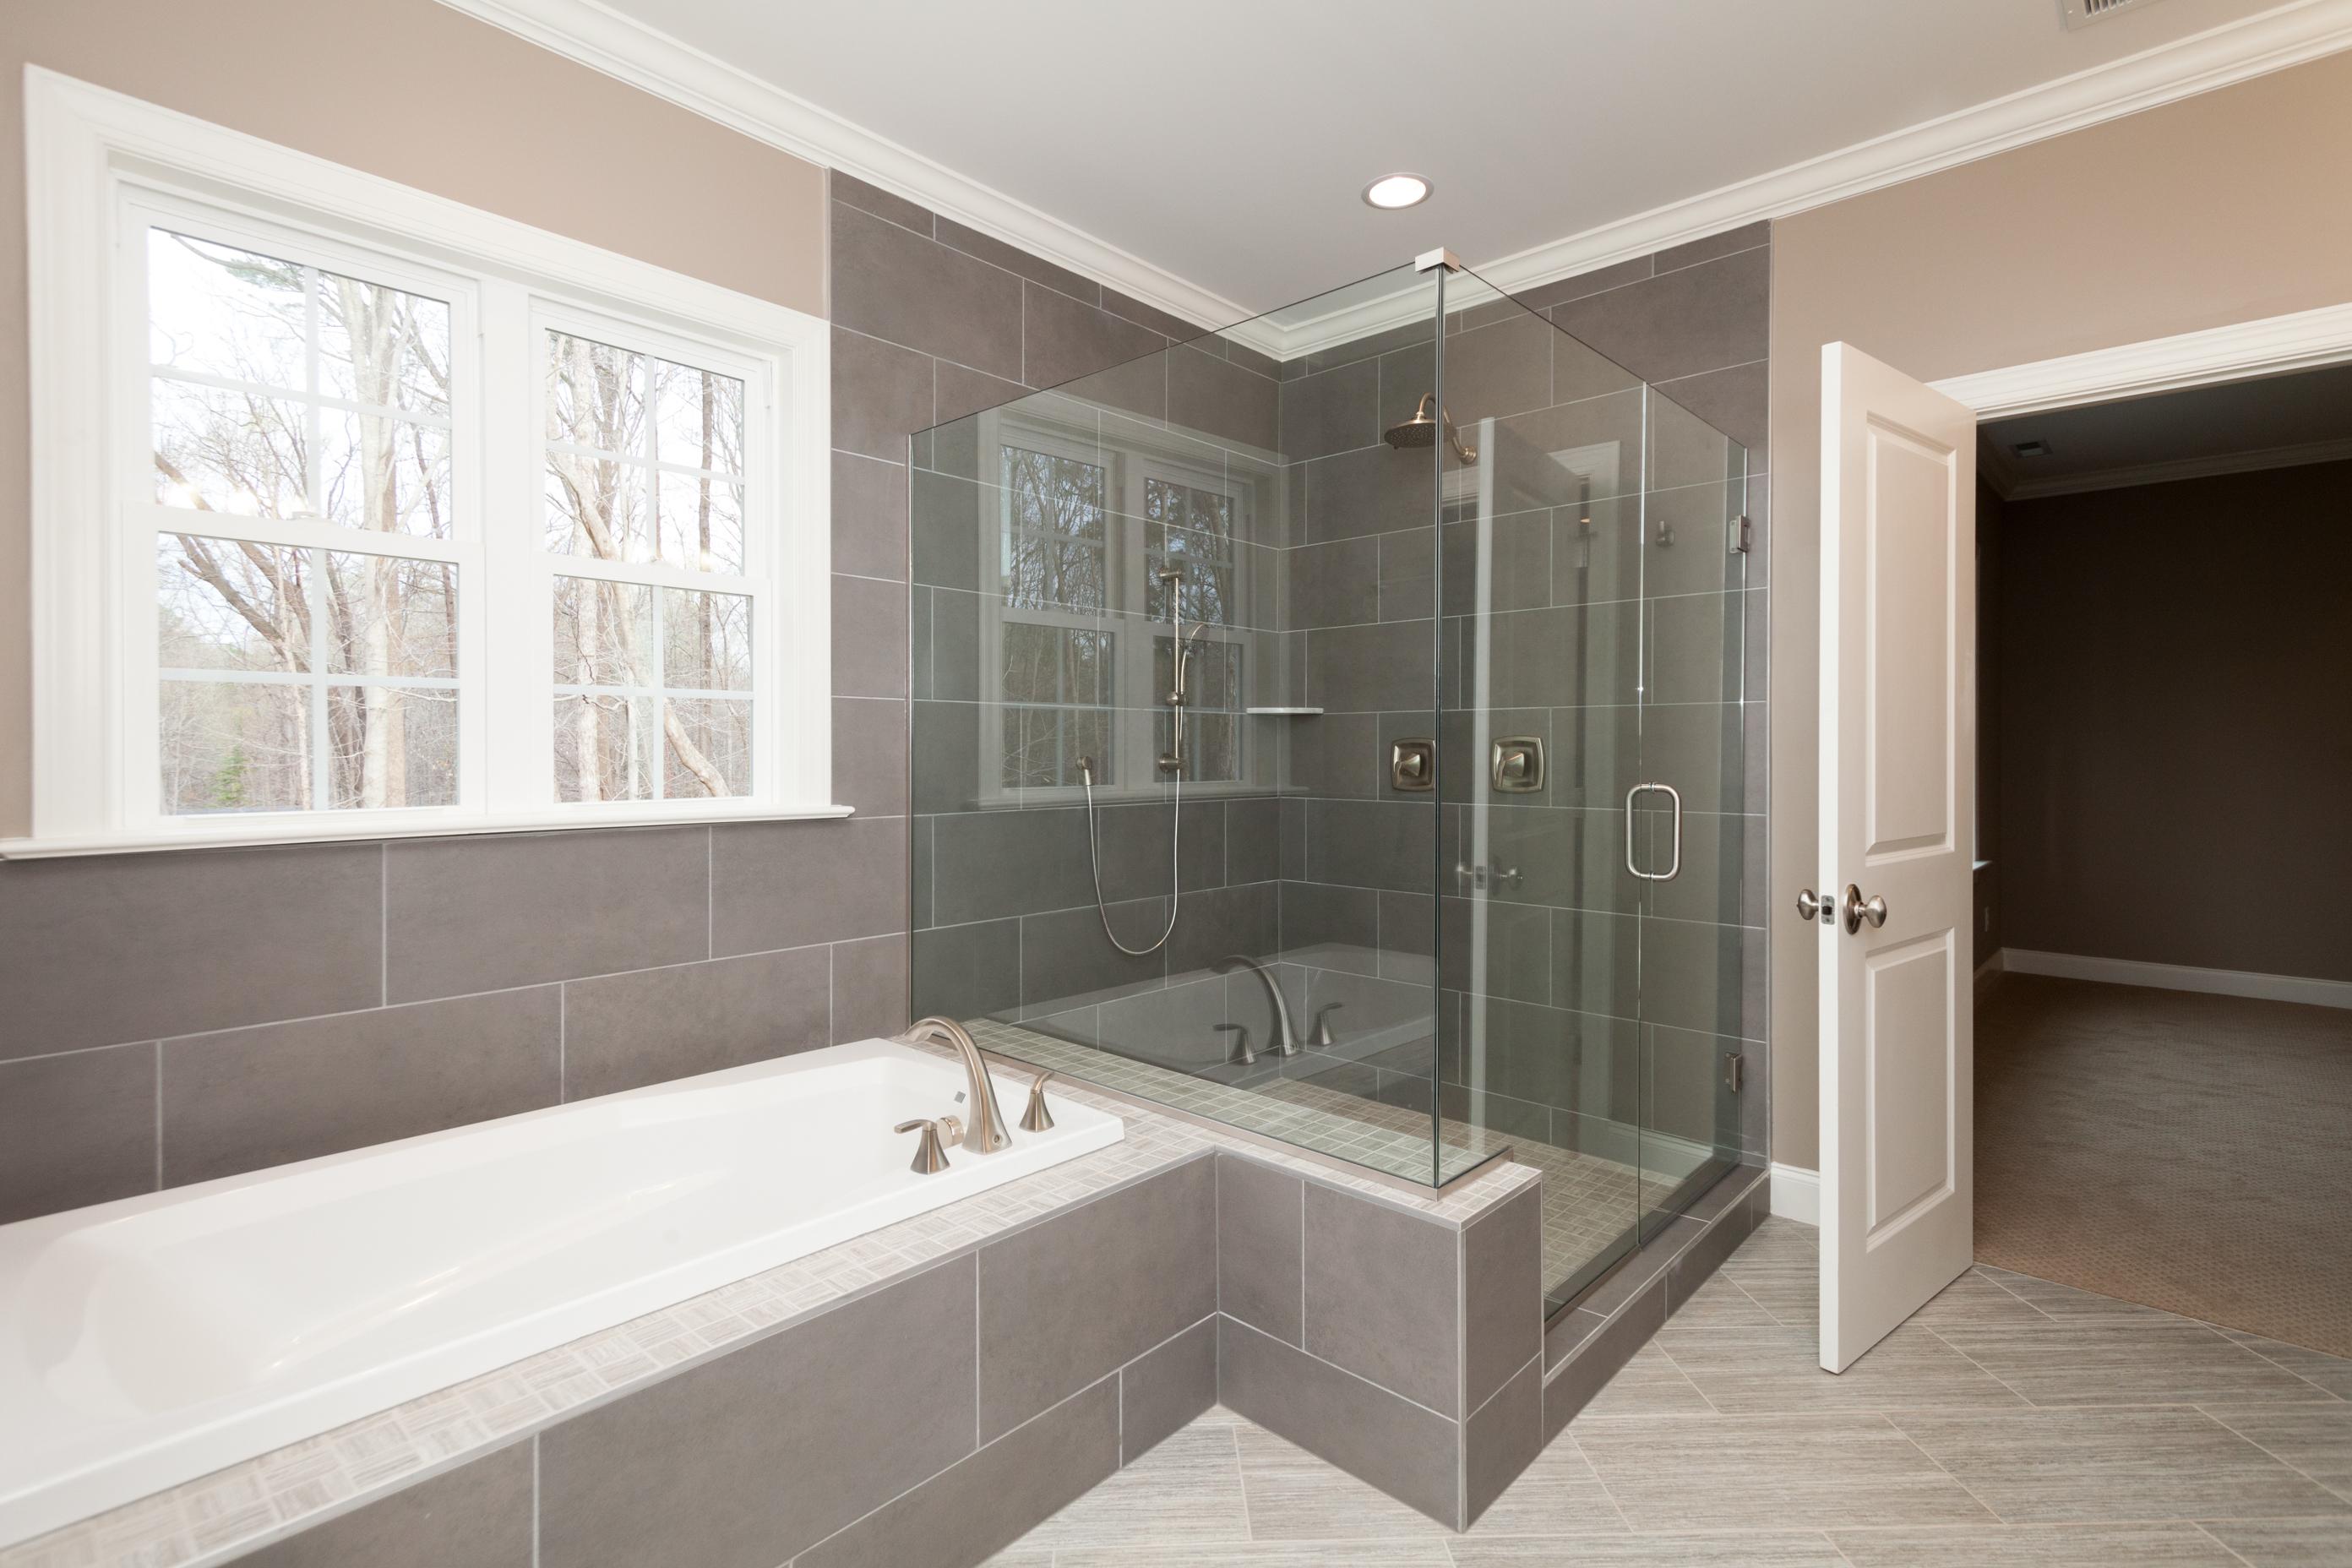 Bathrooms Jacobs Building Company - Contemporary master bathrooms